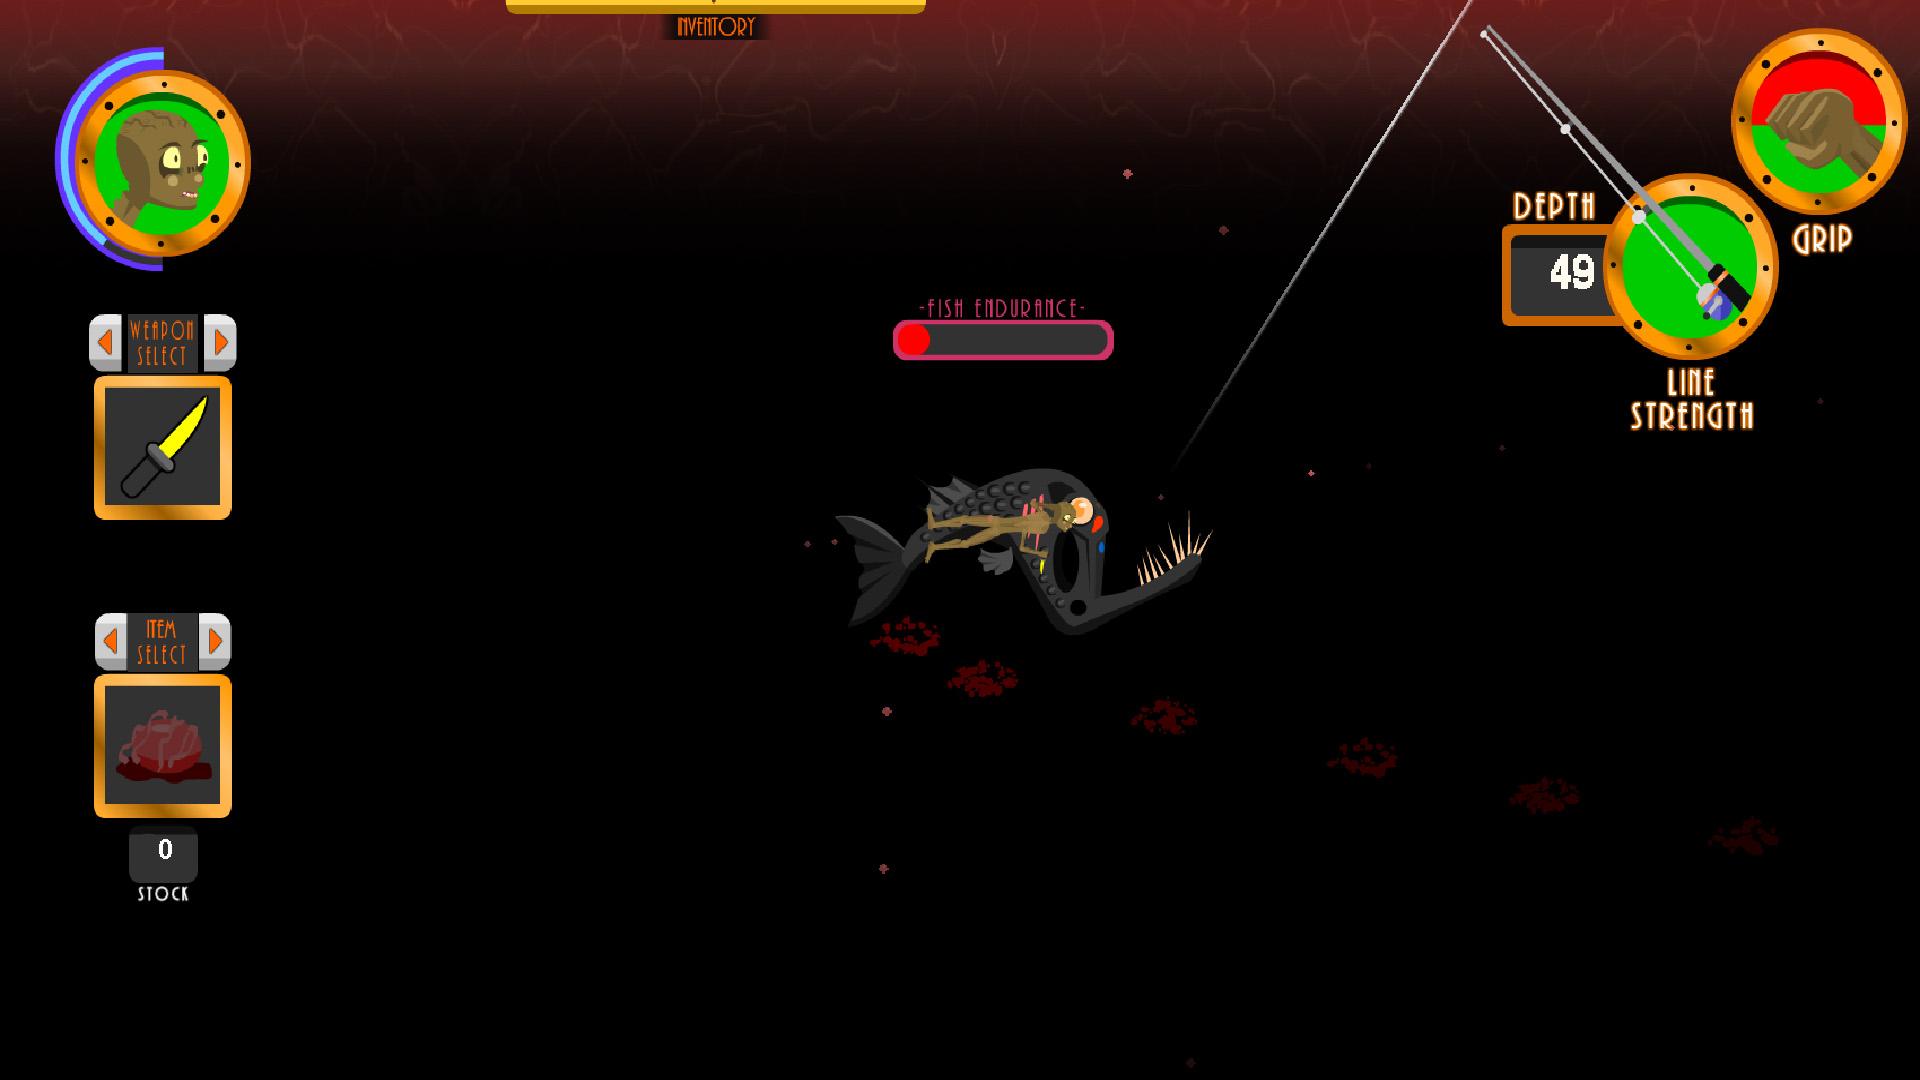 nightmare-fishing-tournament-02